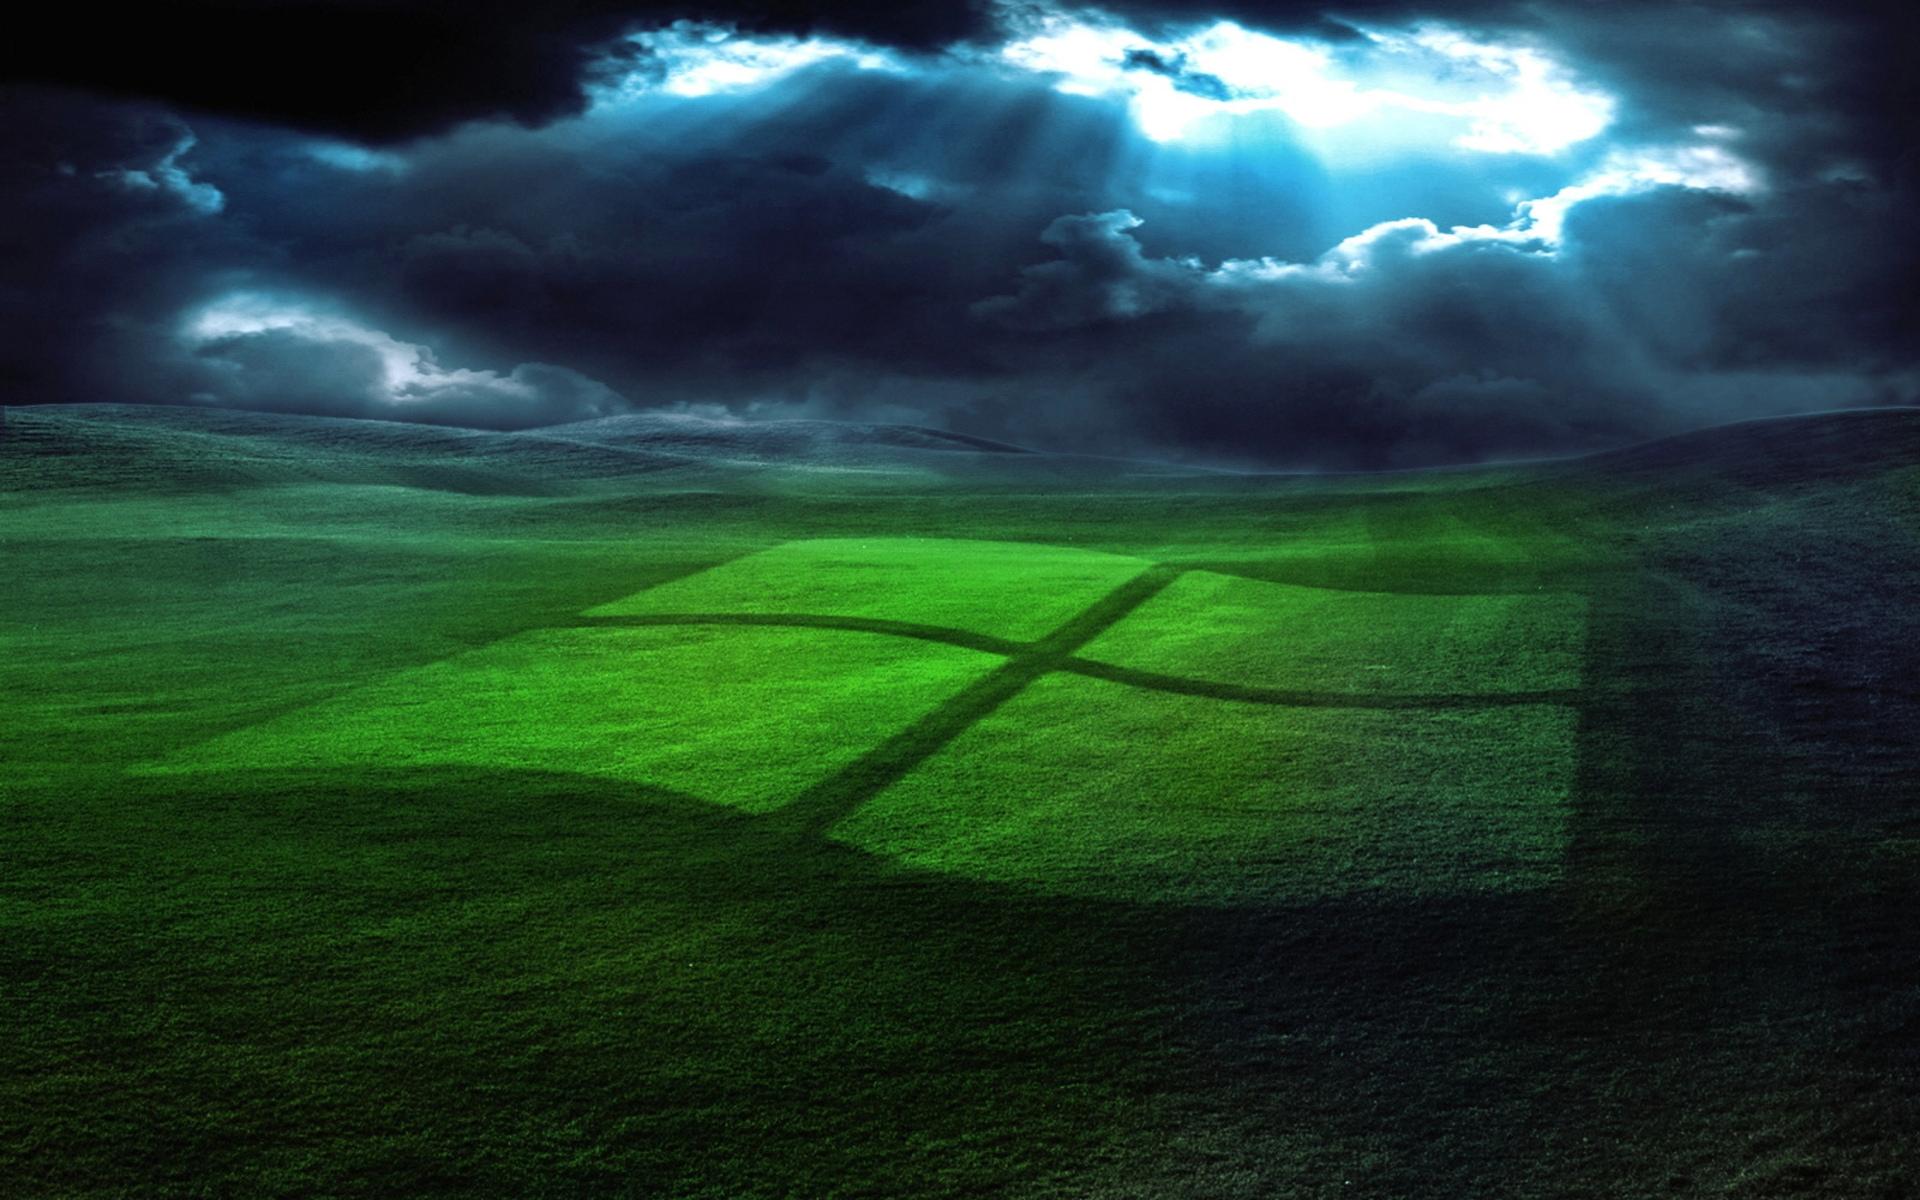 デスクトップ壁紙 日光 自然 空 フィールド 緑 雰囲気